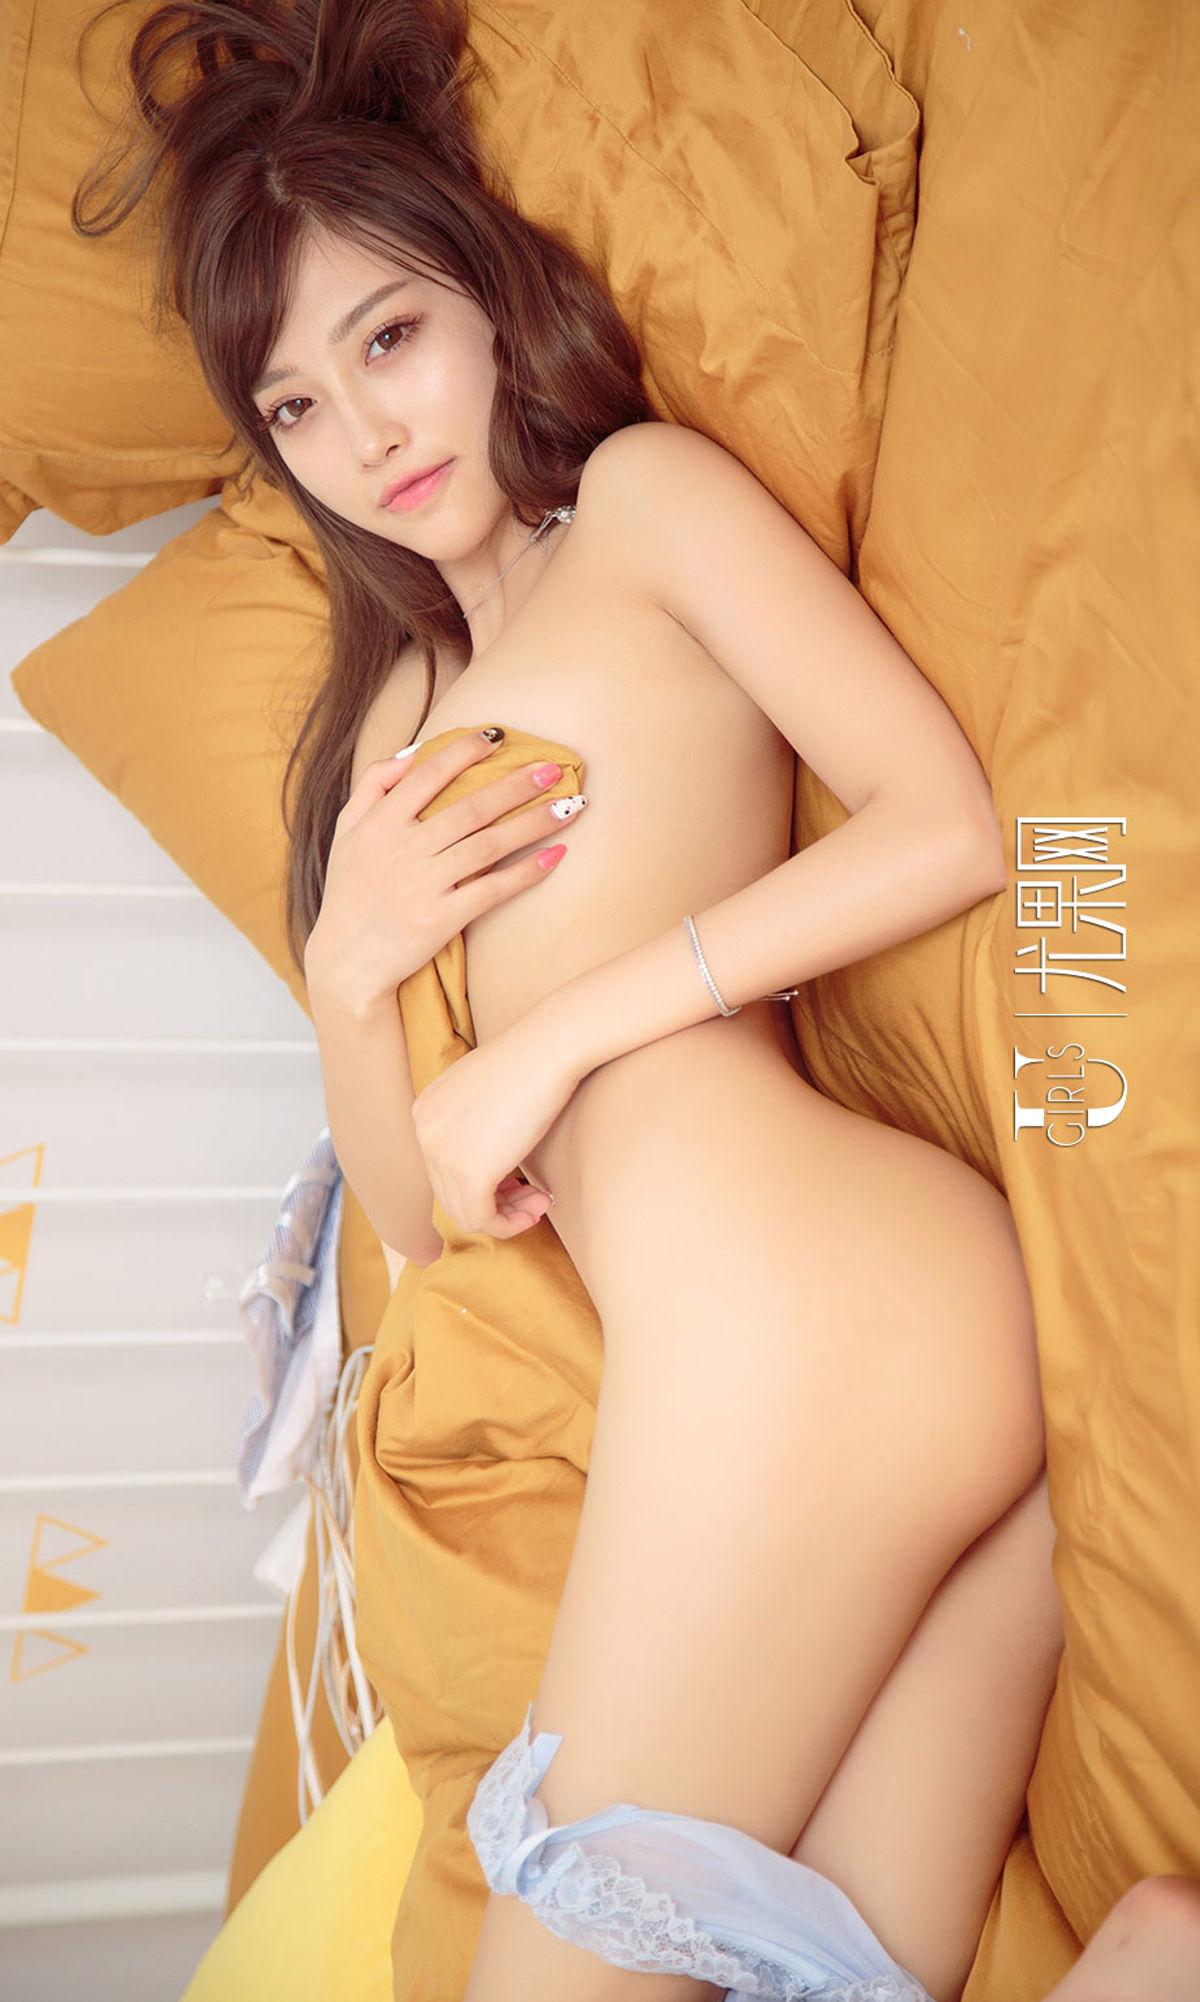 杨晨晨 - 性感美女柔情睡美人 写真